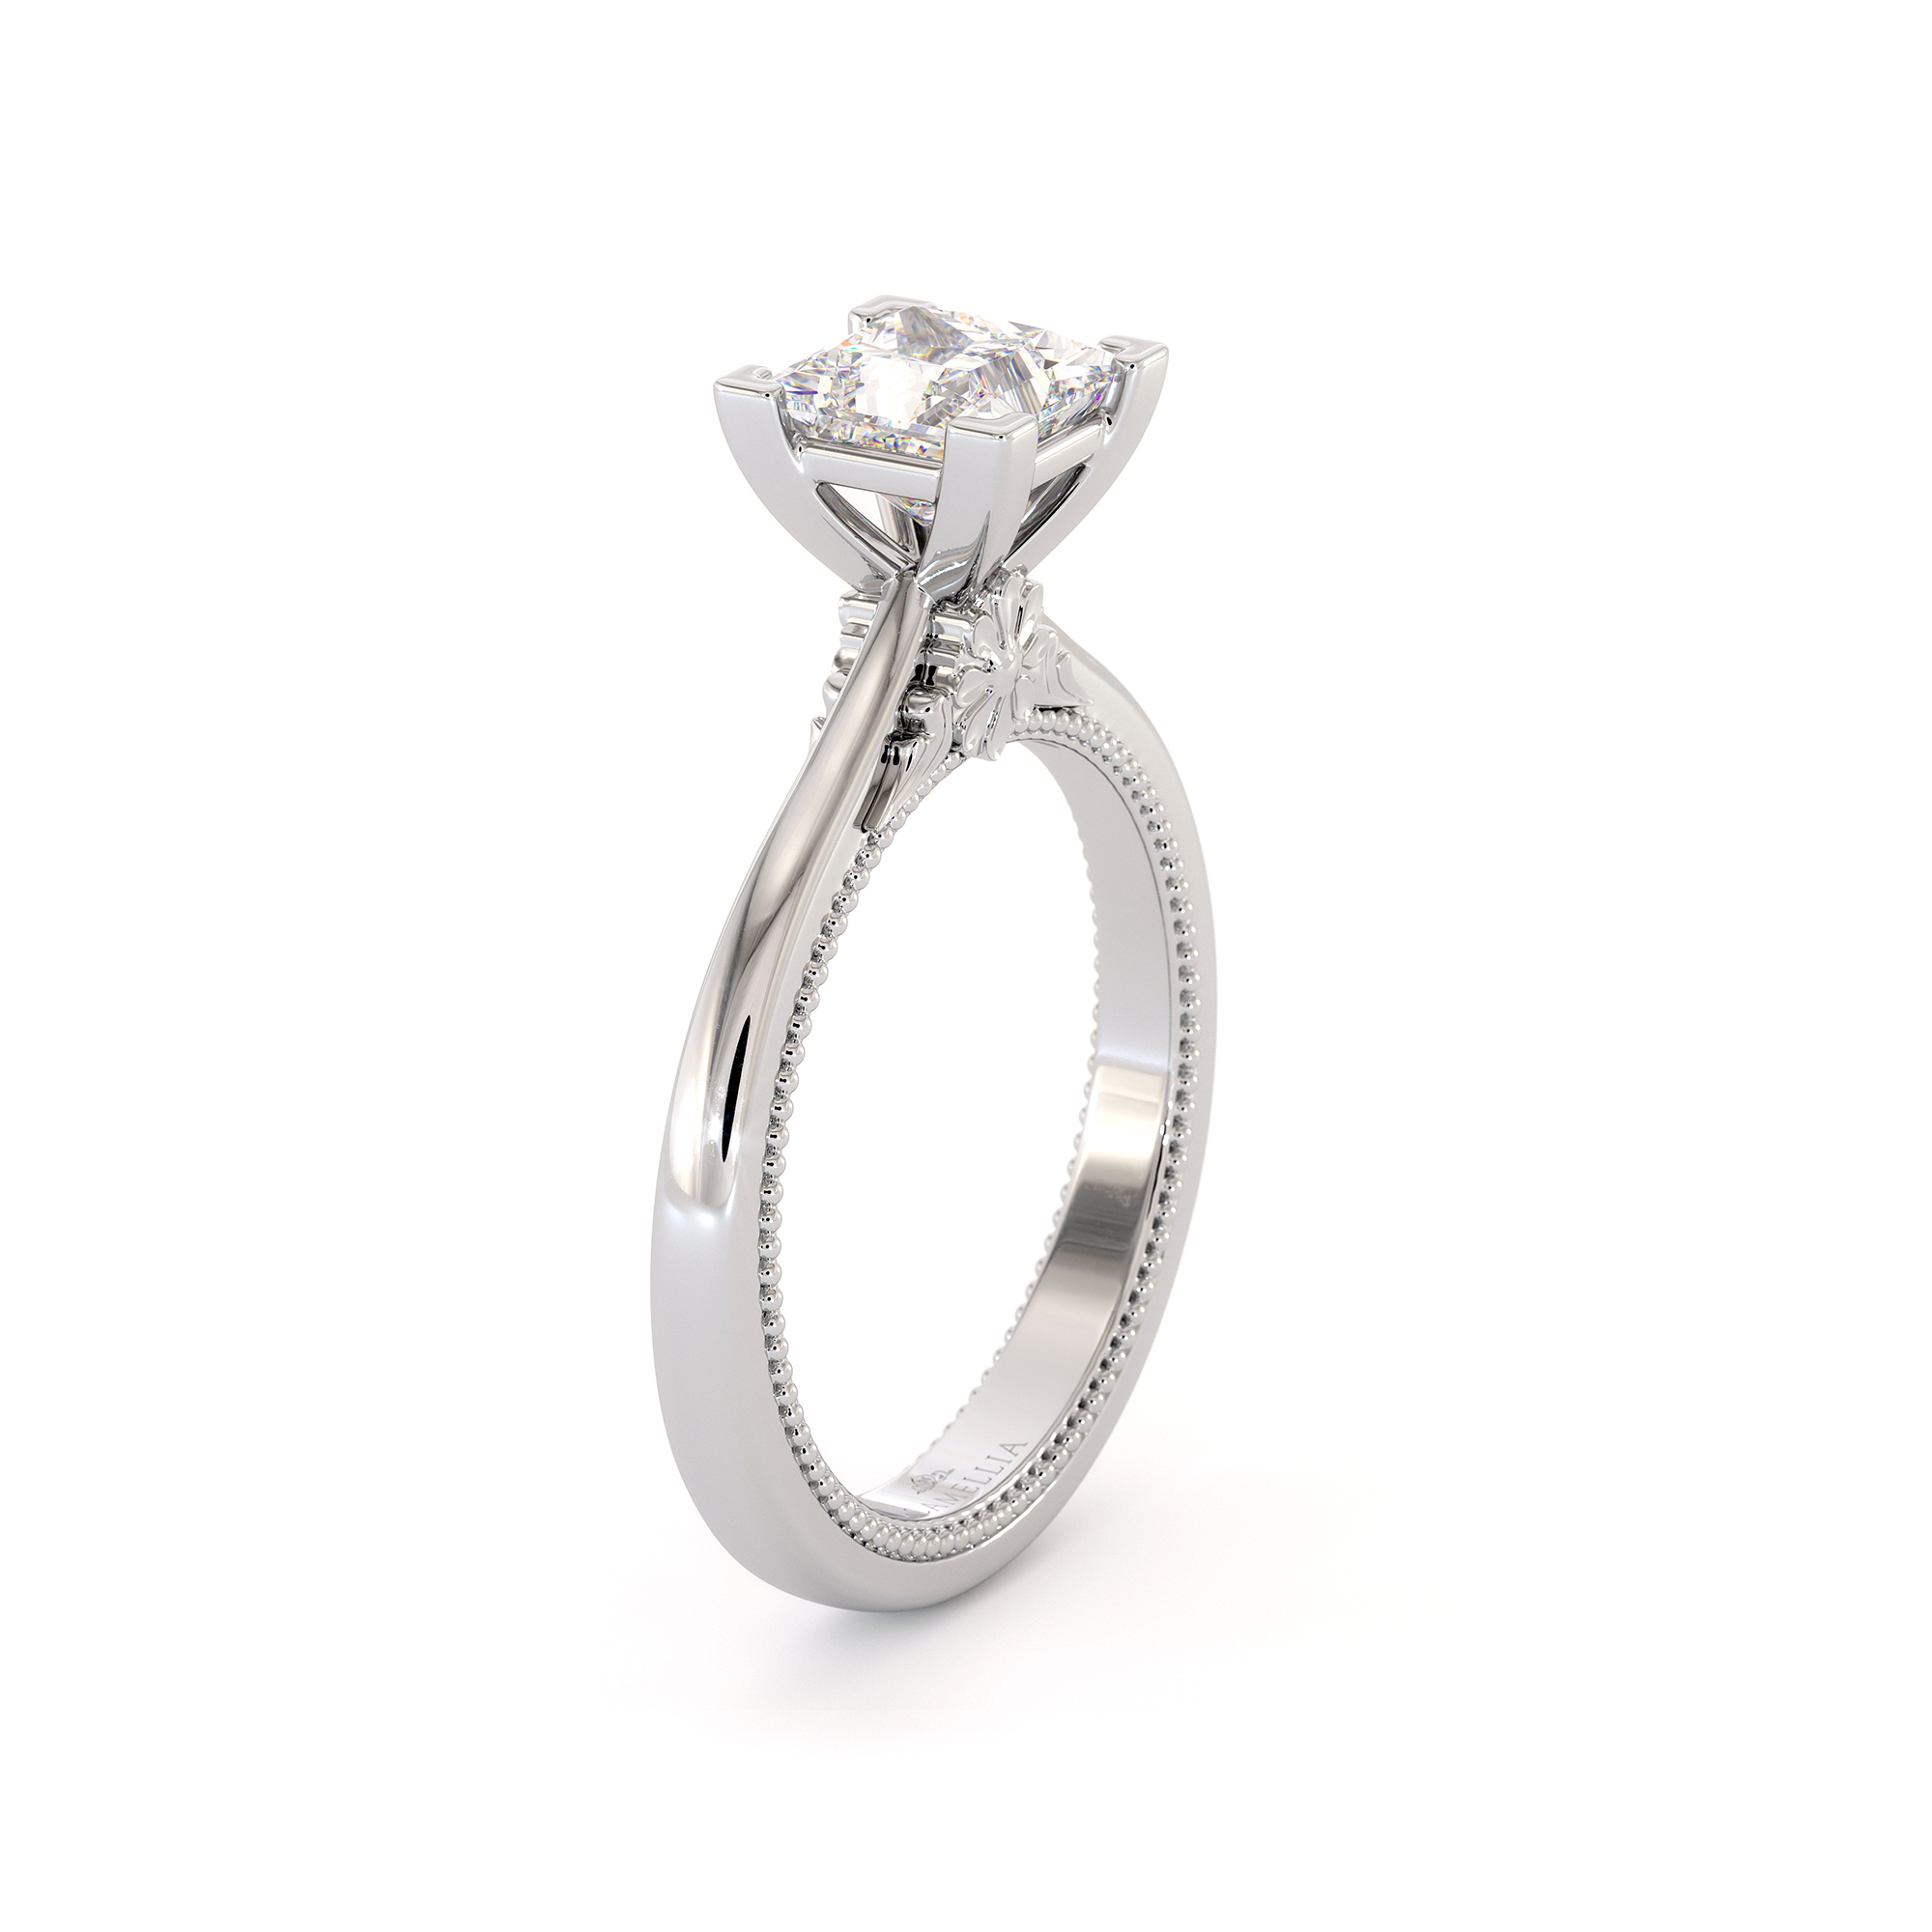 Forever One Moissanite Ring, Square & Princess Moissanite Engagement Ring, White Gold Promise Ring